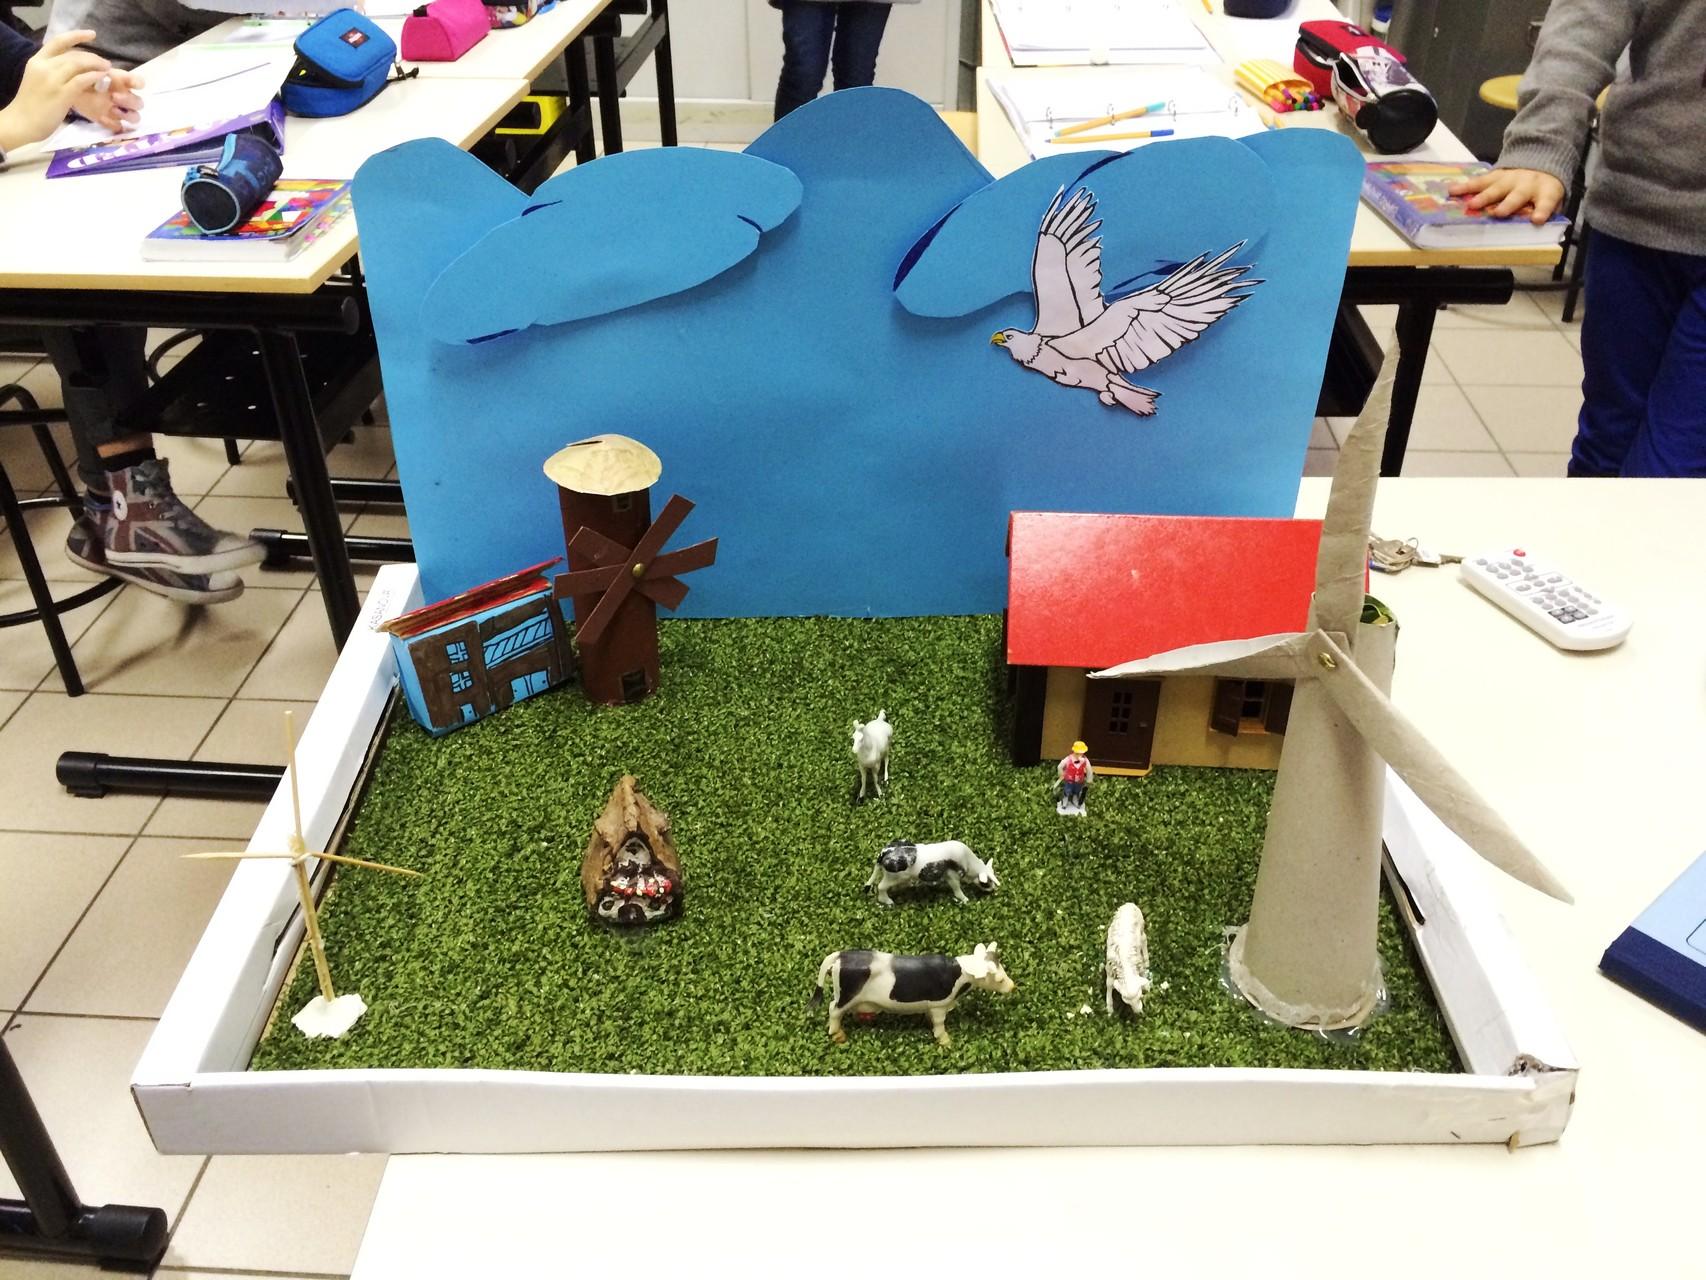 Progetto ecosistema e rifiuti: classe ID 2014/2015